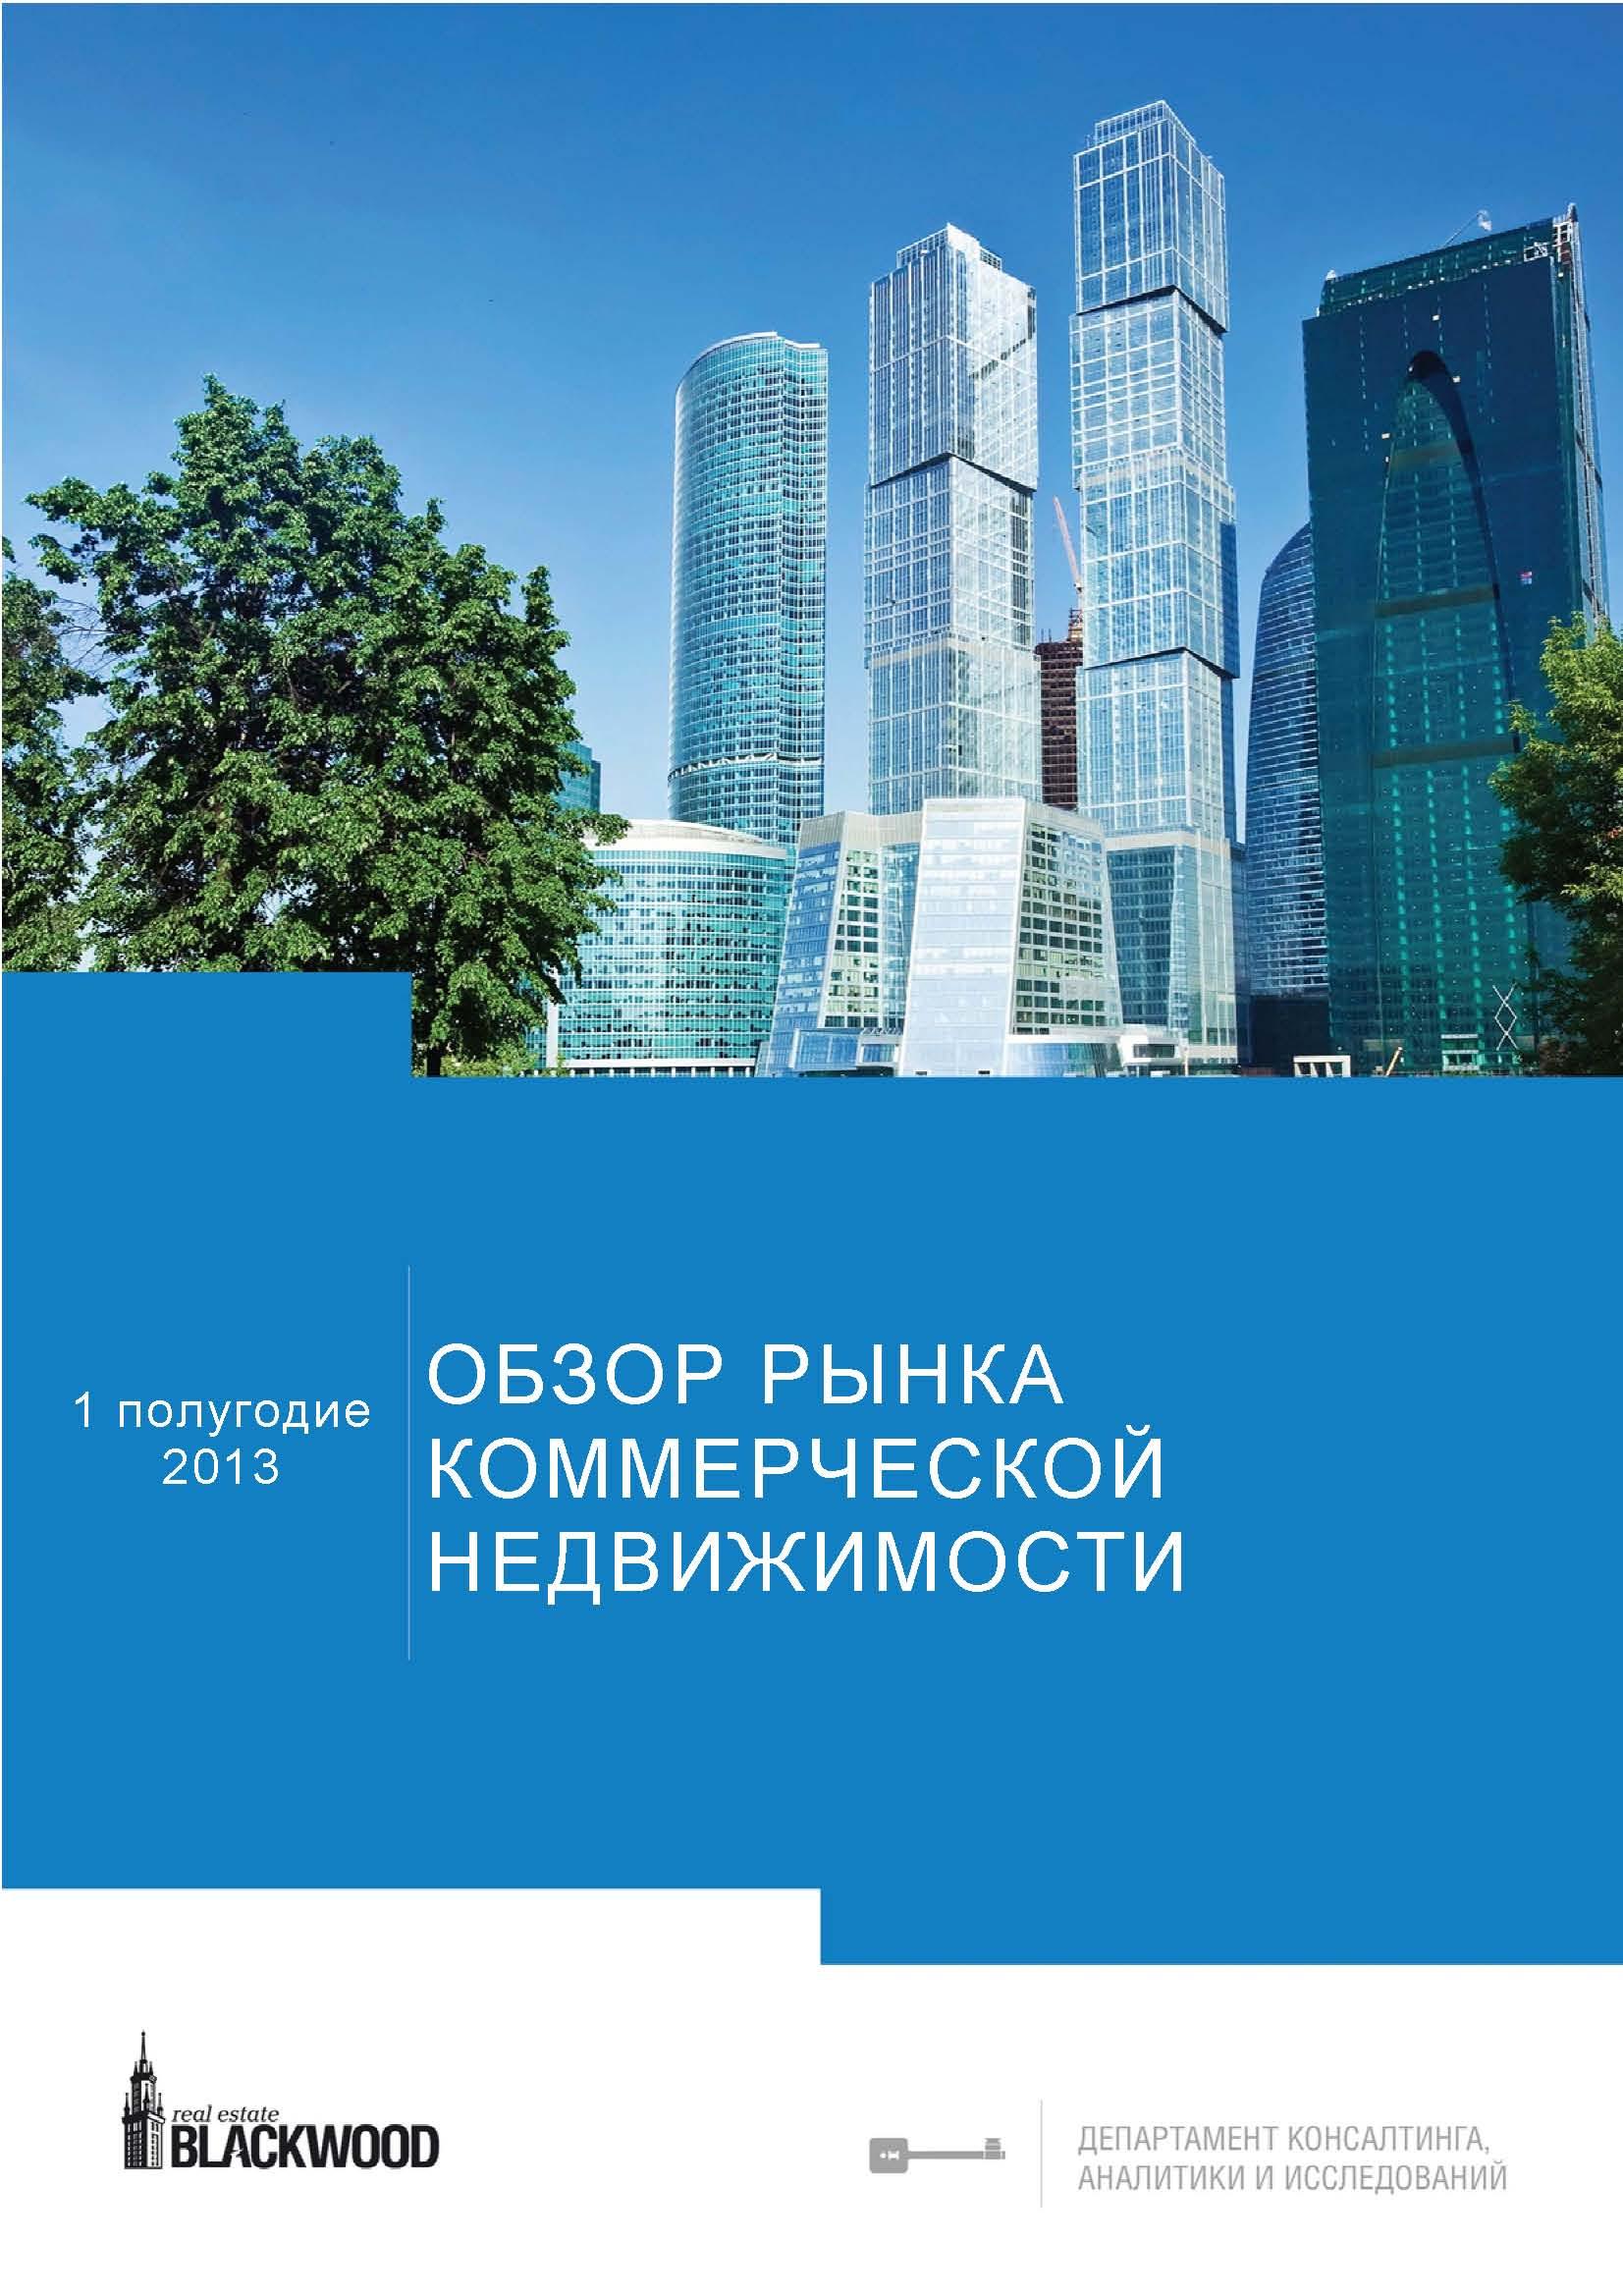 Аналитика коммерческая недвижимость 2009 коммерческая недвижимость авизо Москва